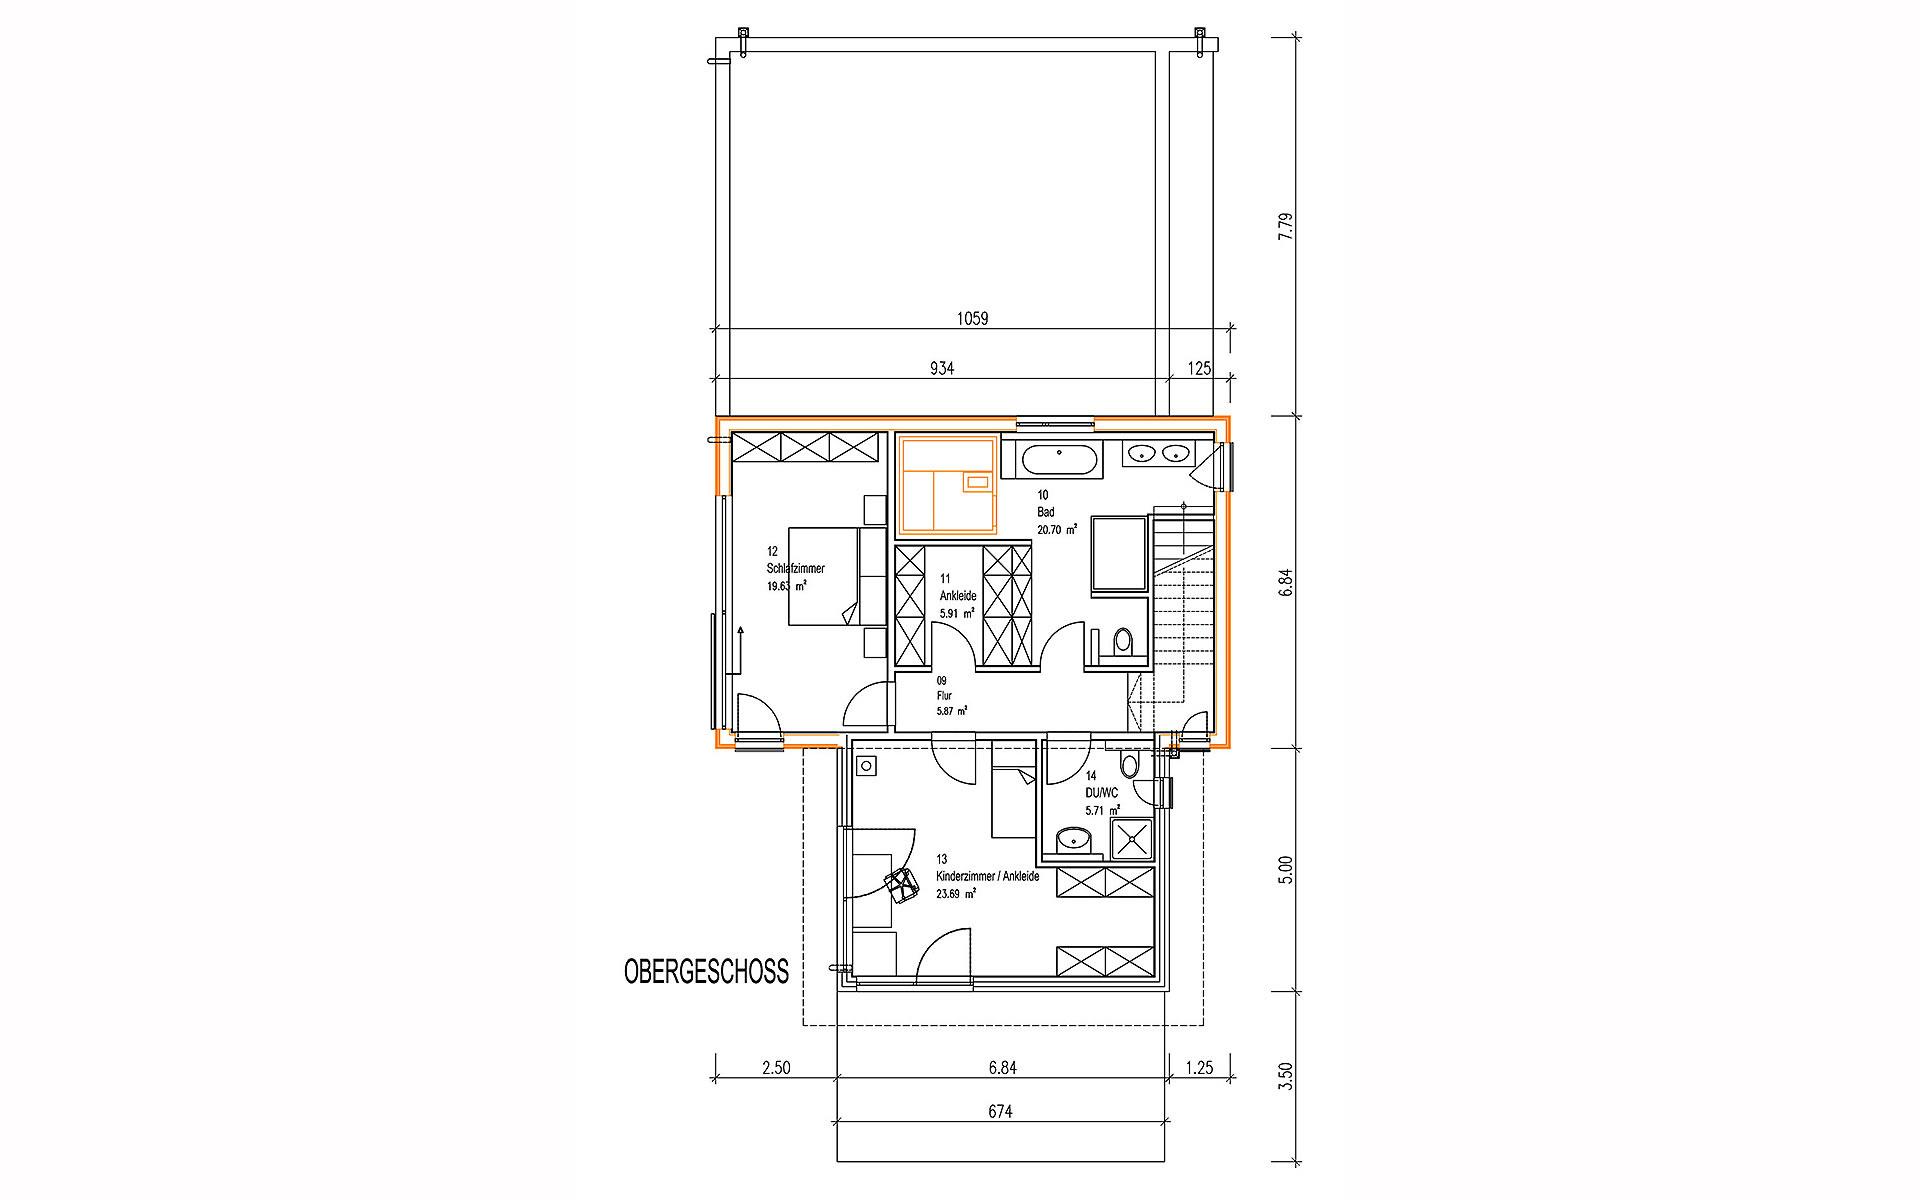 Obergeschoss Kornfeld von Sonnleitner Holzbauwerke GmbH & Co. KG